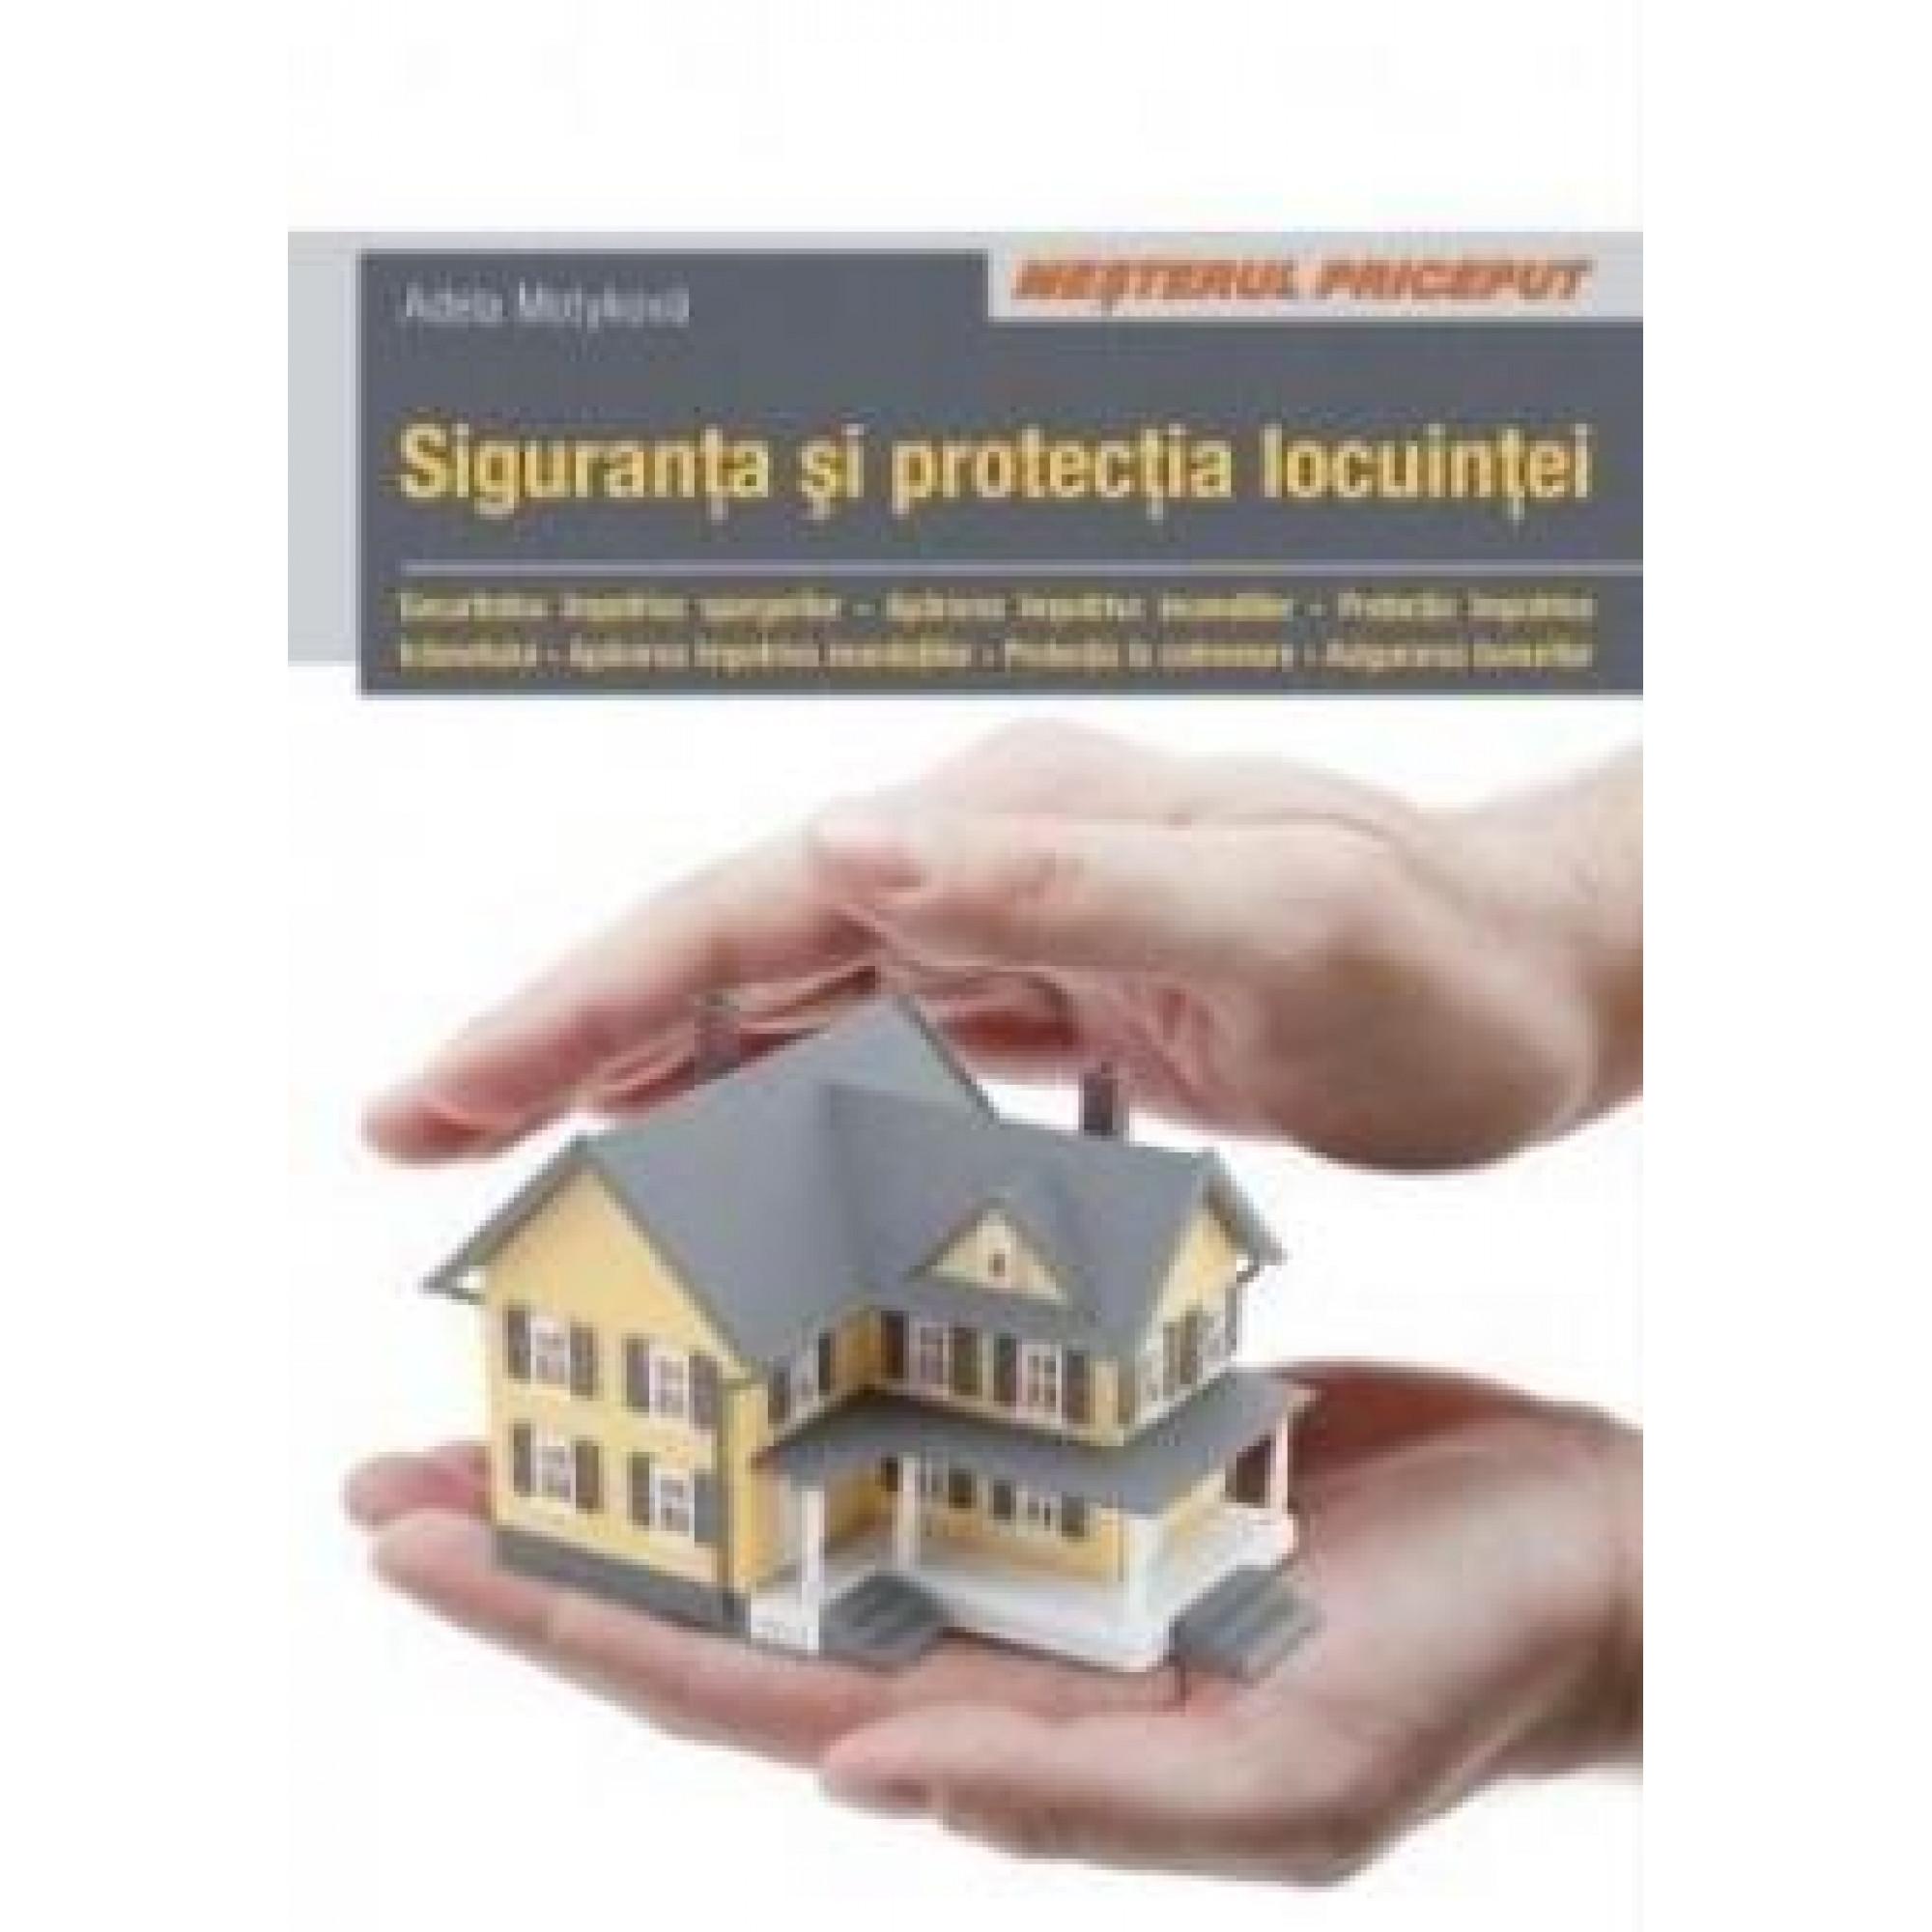 Siguranța și protecția locuinței